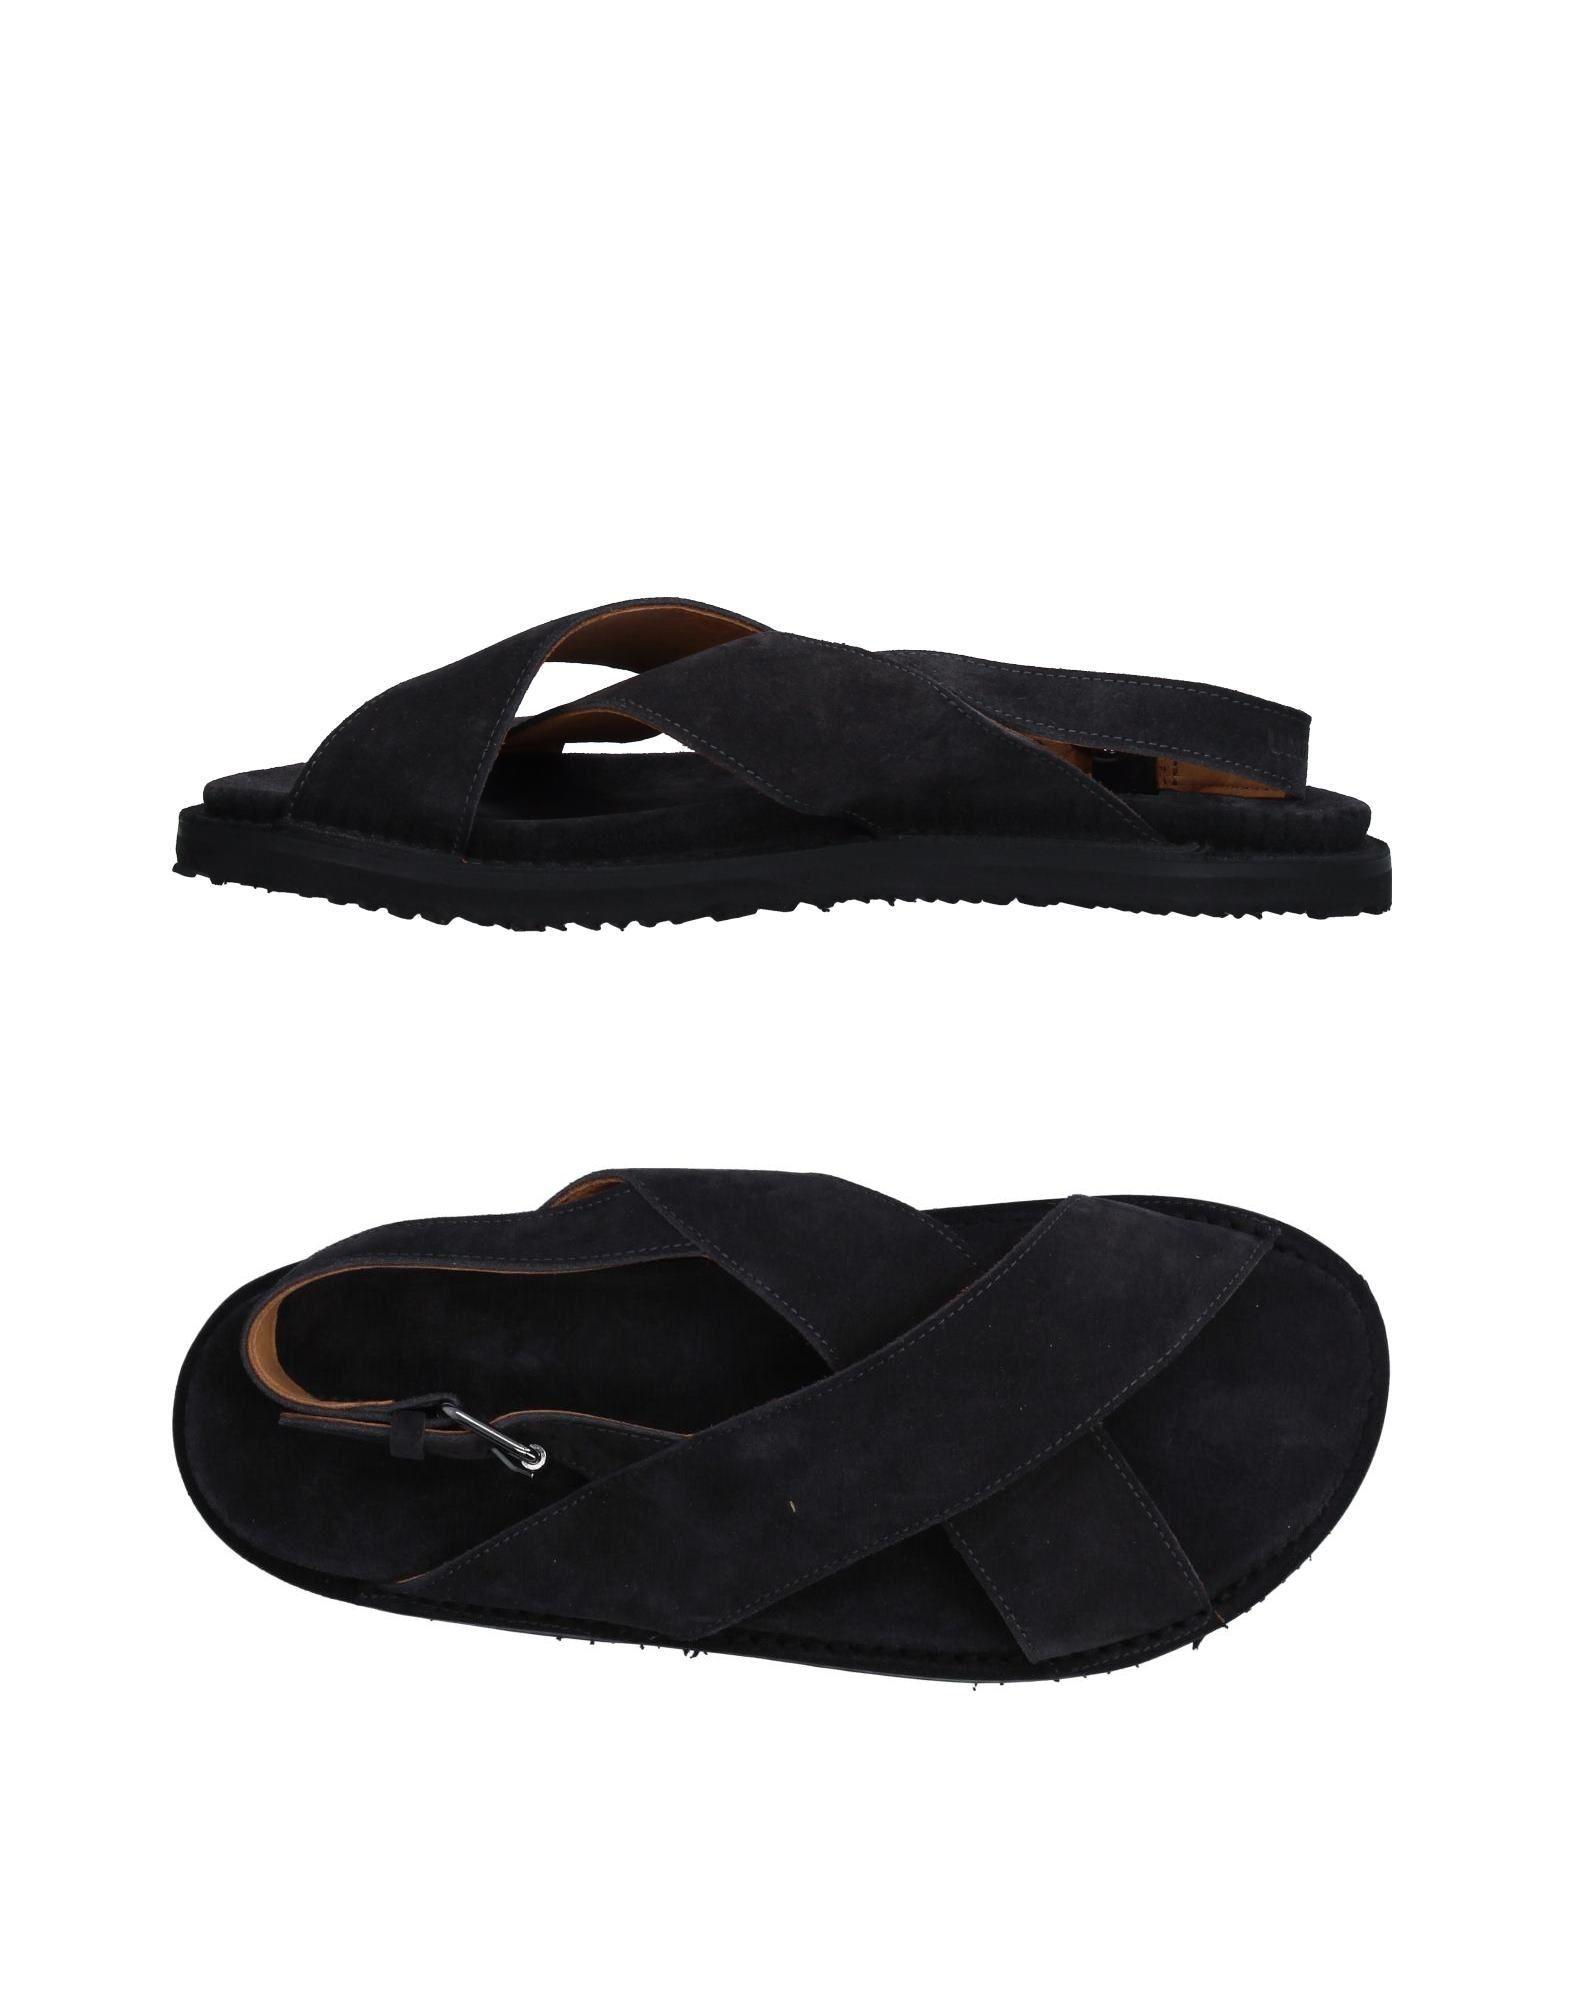 Sandales Umit Benan Homme - Sandales Umit Benan sur